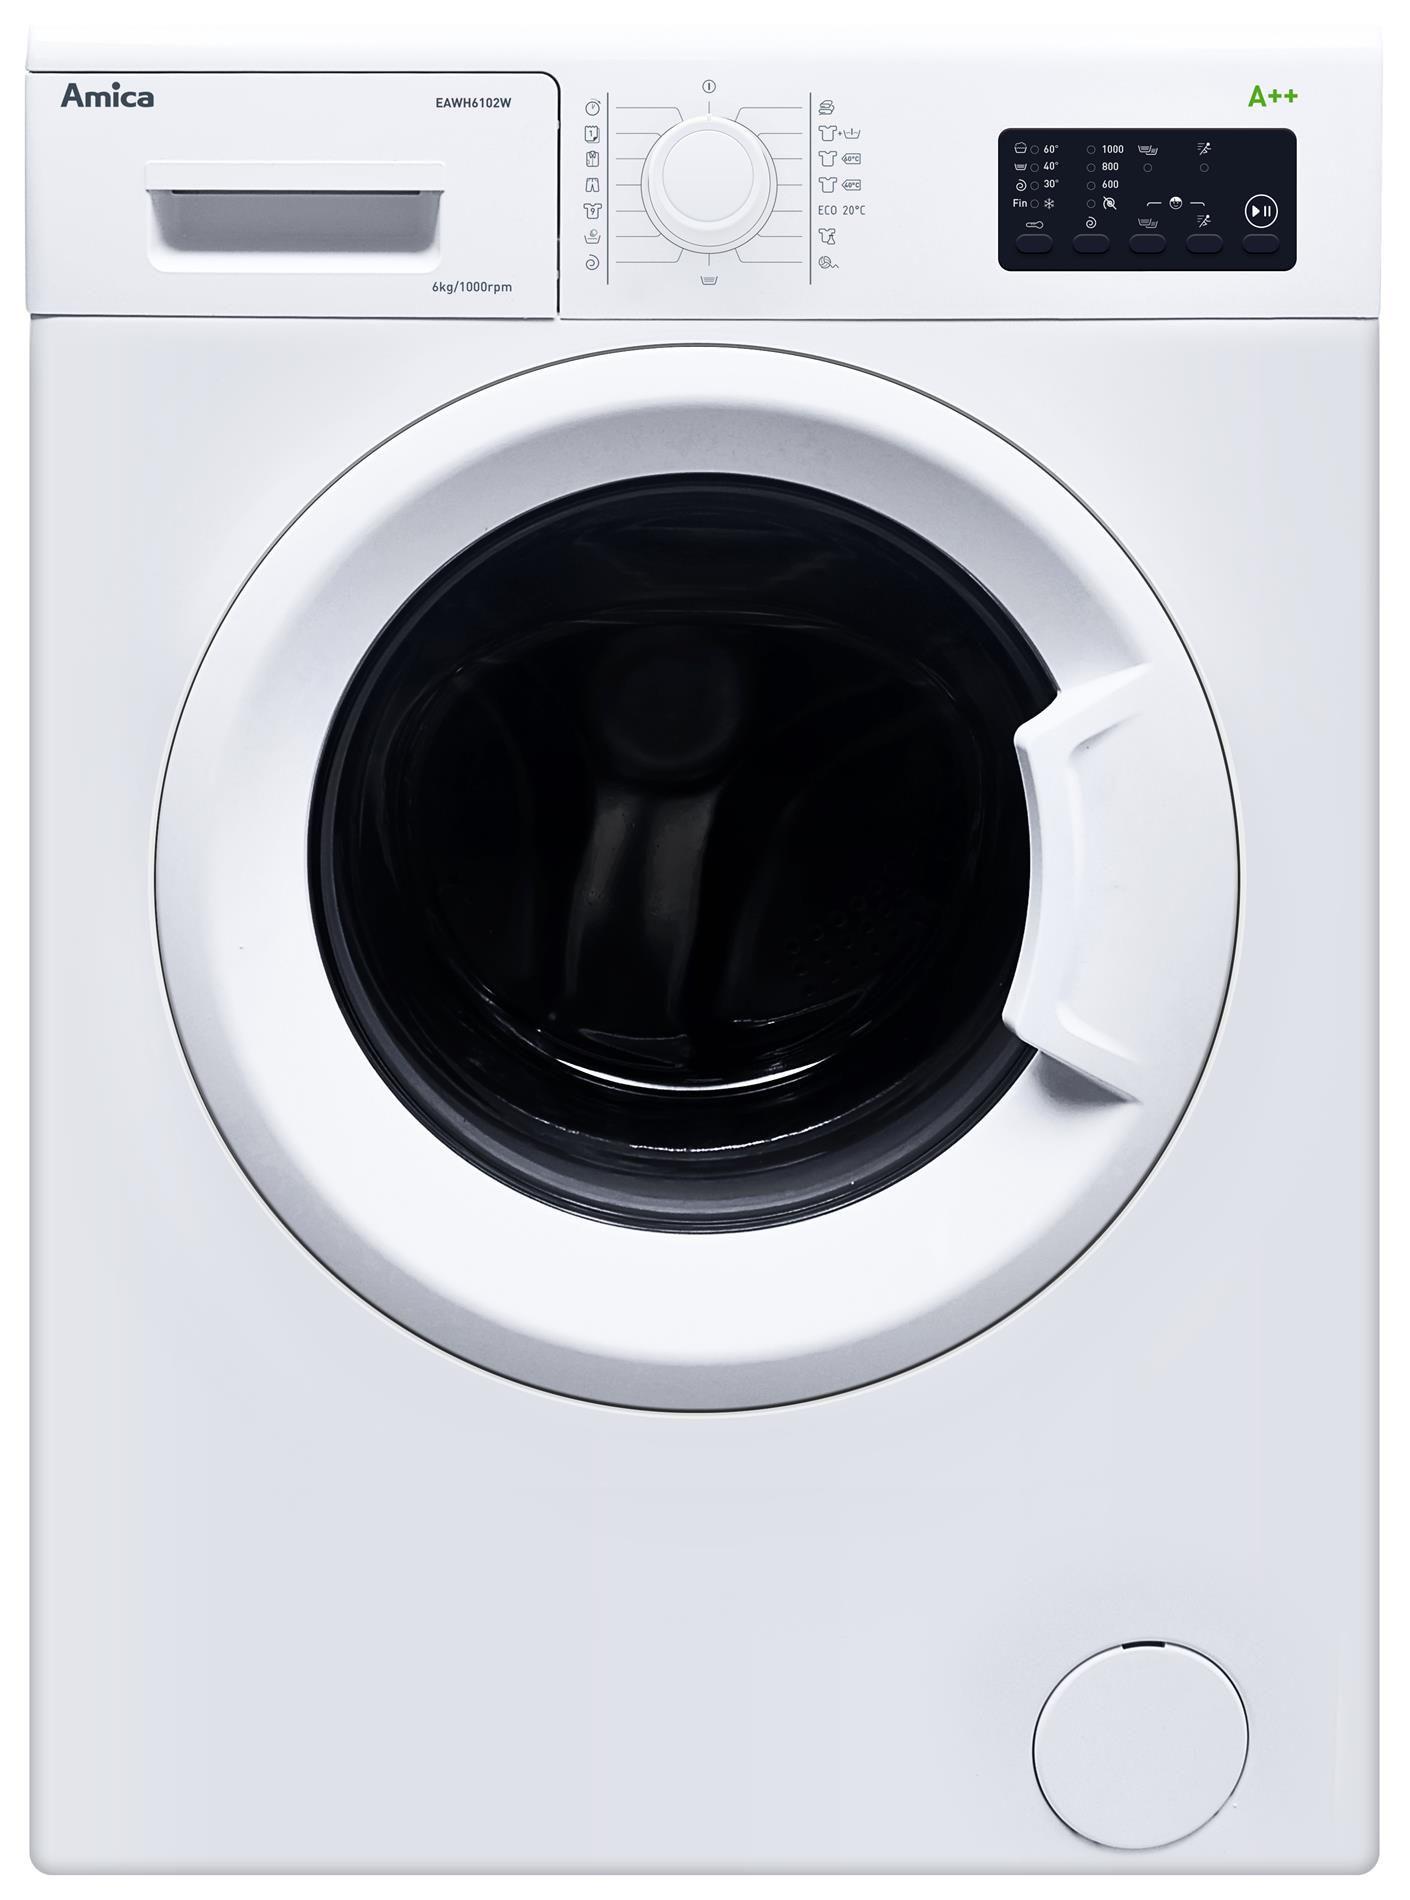 Lavadora Eawh 6102 W Amica Appliances Los Frigor Ficos Los  ~ Cual Es El Programa Mas Corto De La Lavadora